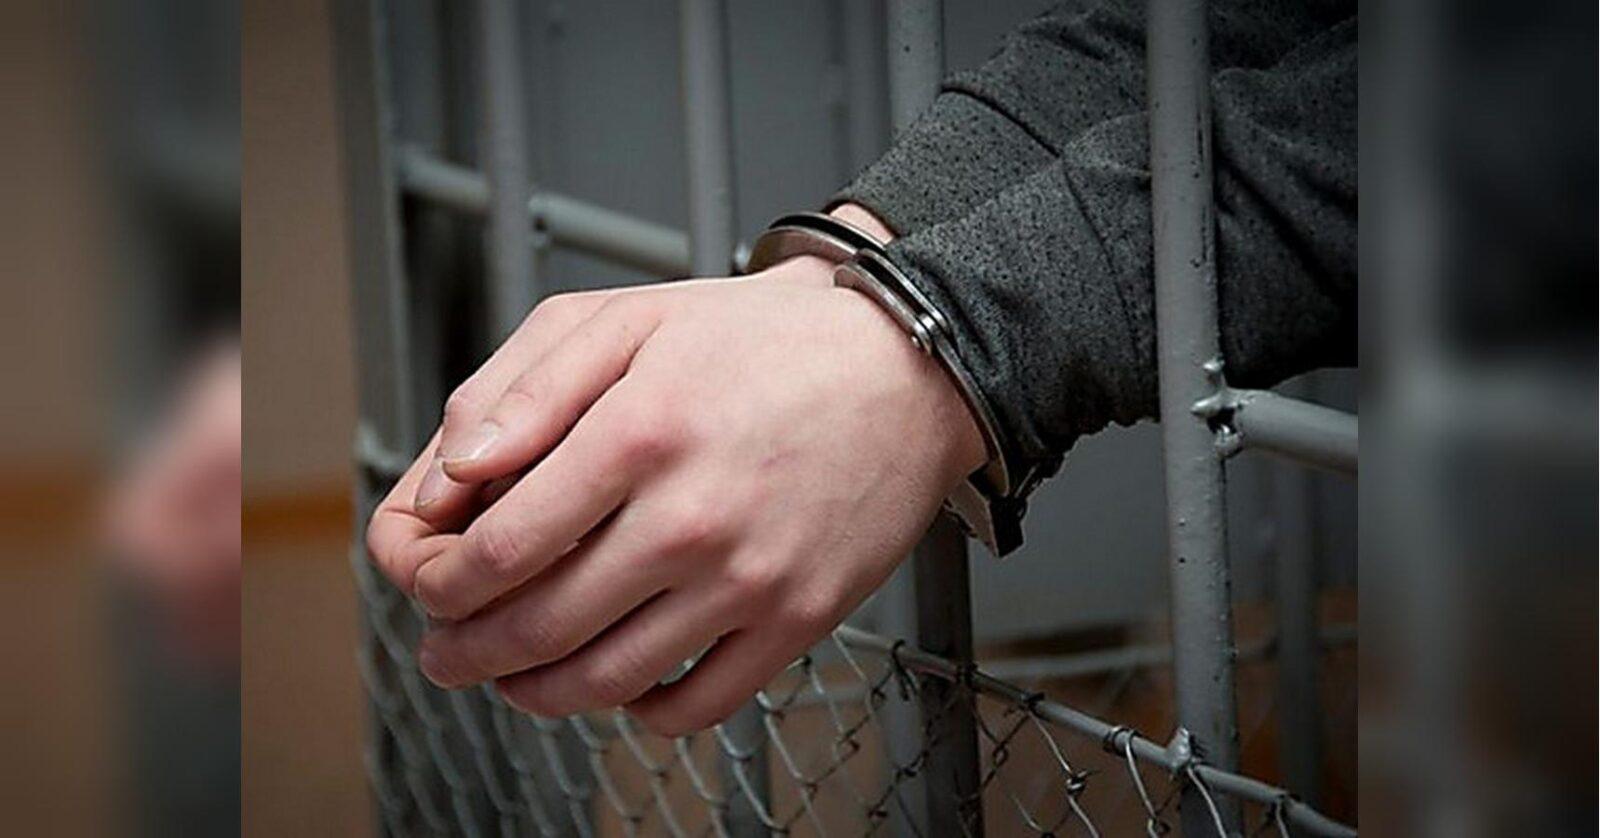 Арестован мужчина, убивший и сбросивший в реку человека в Тверской области